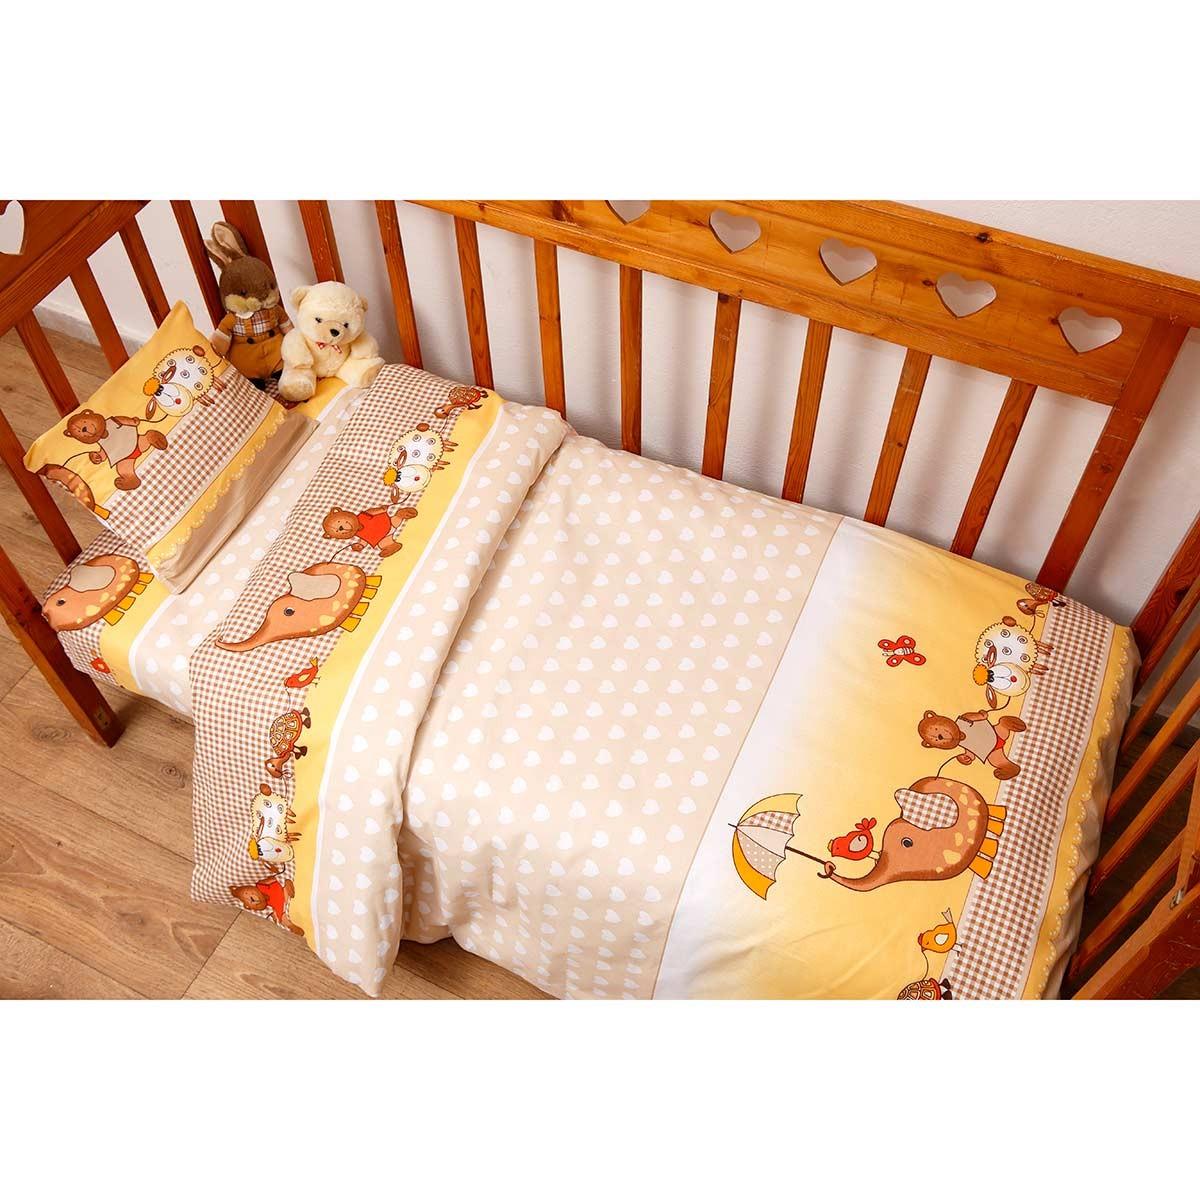 Σεντόνια Λίκνου (Σετ) Viopros Baby Cotton Χάρι